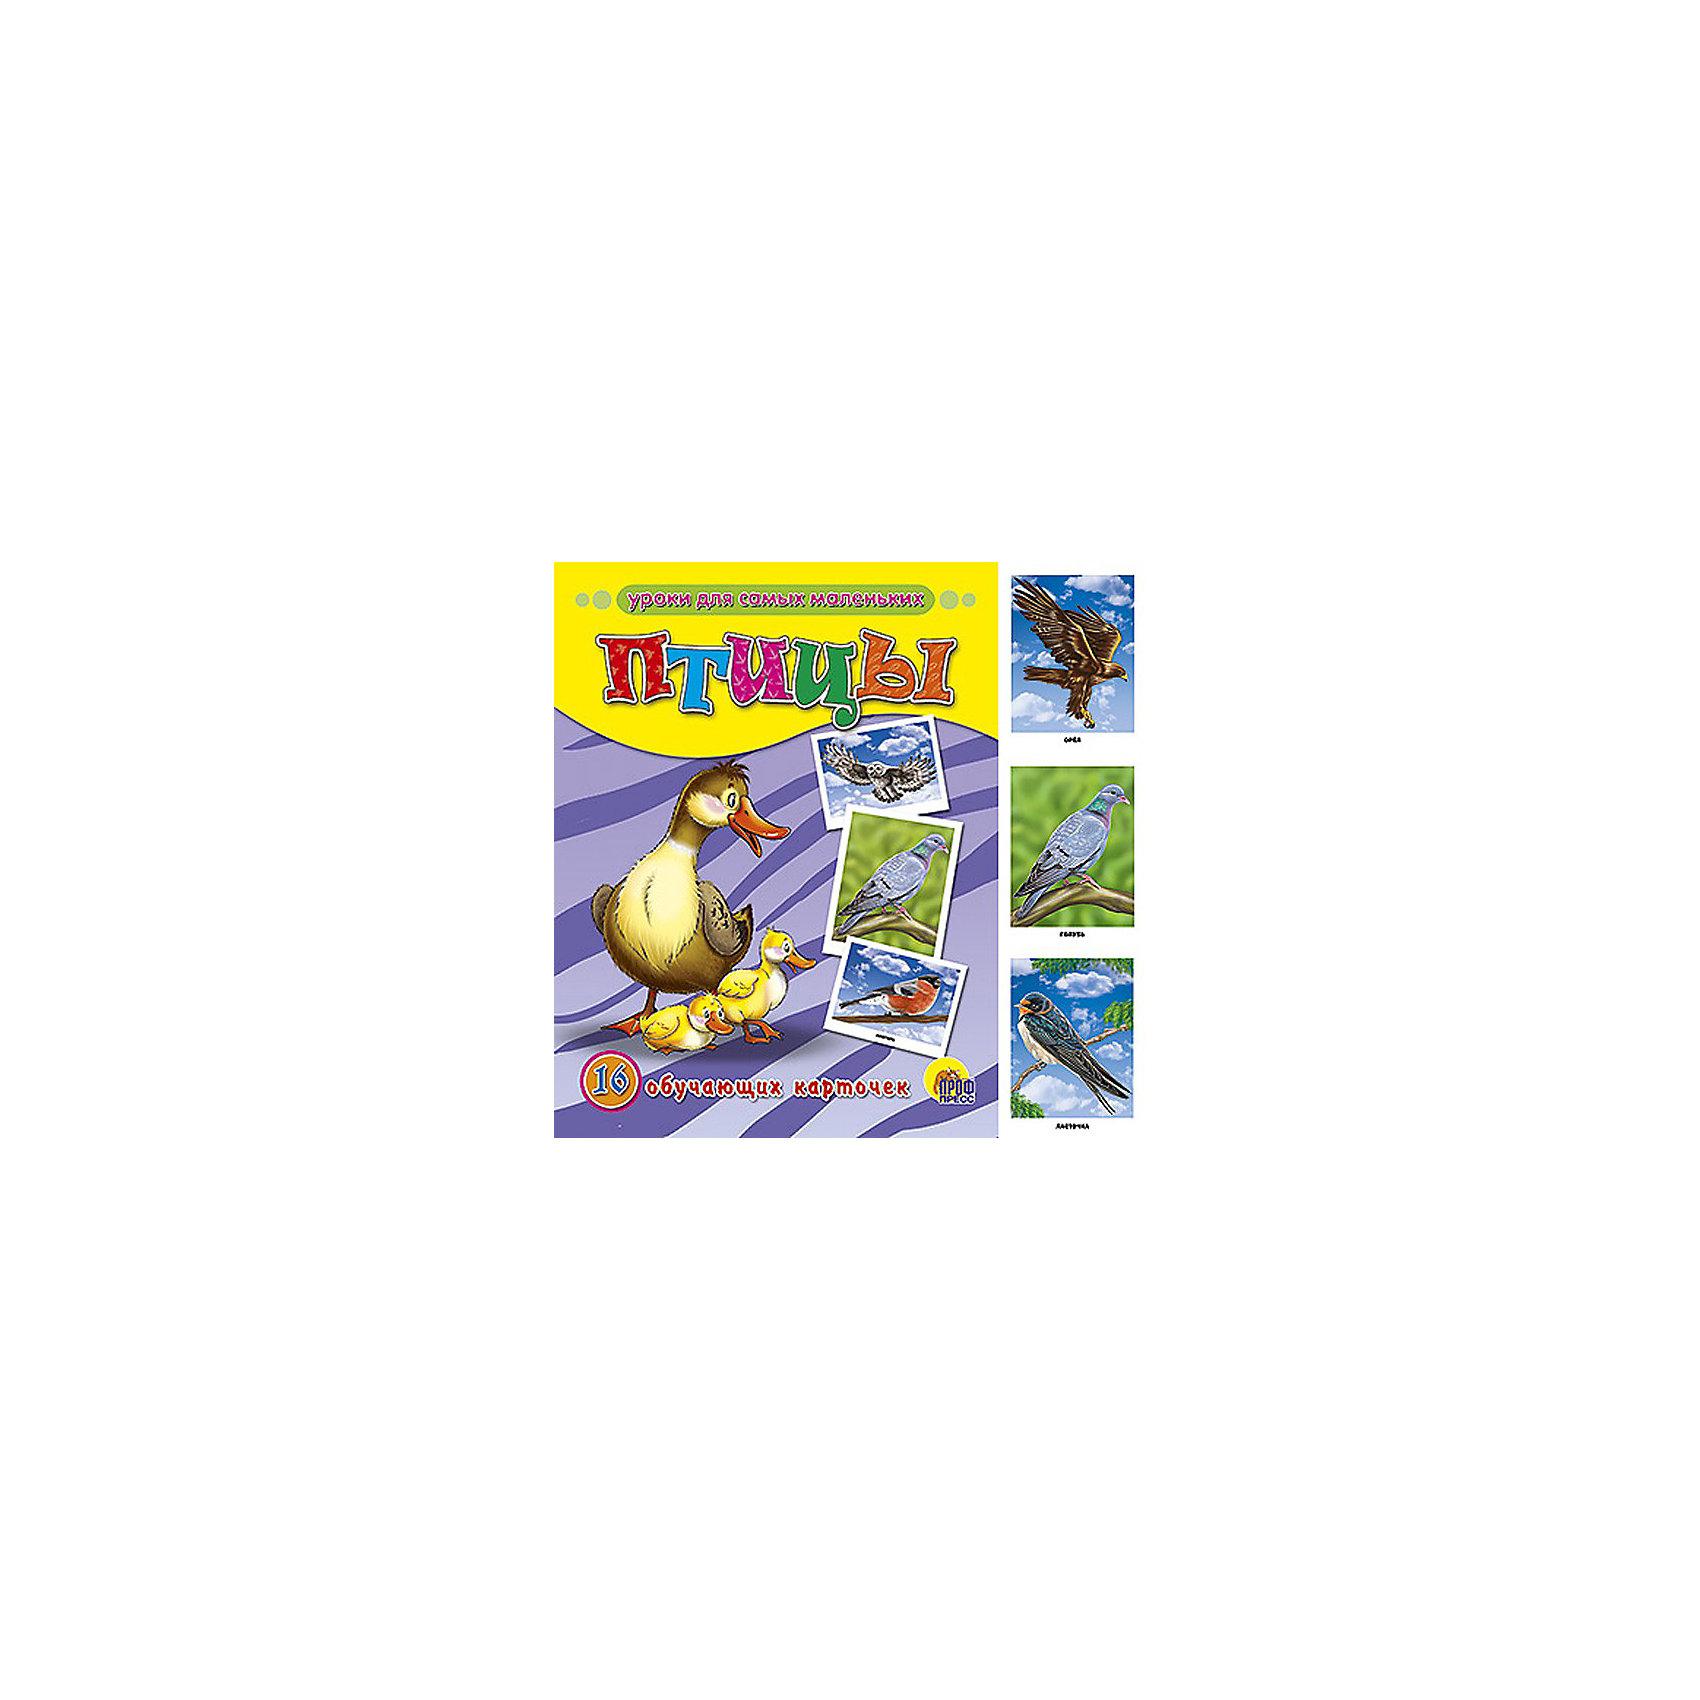 Обучающие карточки ПтицыПтицы, обучающие карточки  станет прекрасным занятием для Вашего малыша! Тематические карточки с цветными иллюстрациями. <br><br>Дополнительная информация:<br><br>Серия: Обучающие карточки <br>Переплет:Конв.  <br>Количество страниц: 16 Станет ярким и полезным подарком Вашему малышу!<br><br>Ширина мм: 170<br>Глубина мм: 220<br>Высота мм: 5<br>Вес г: 160<br>Возраст от месяцев: 24<br>Возраст до месяцев: 72<br>Пол: Унисекс<br>Возраст: Детский<br>SKU: 3321514